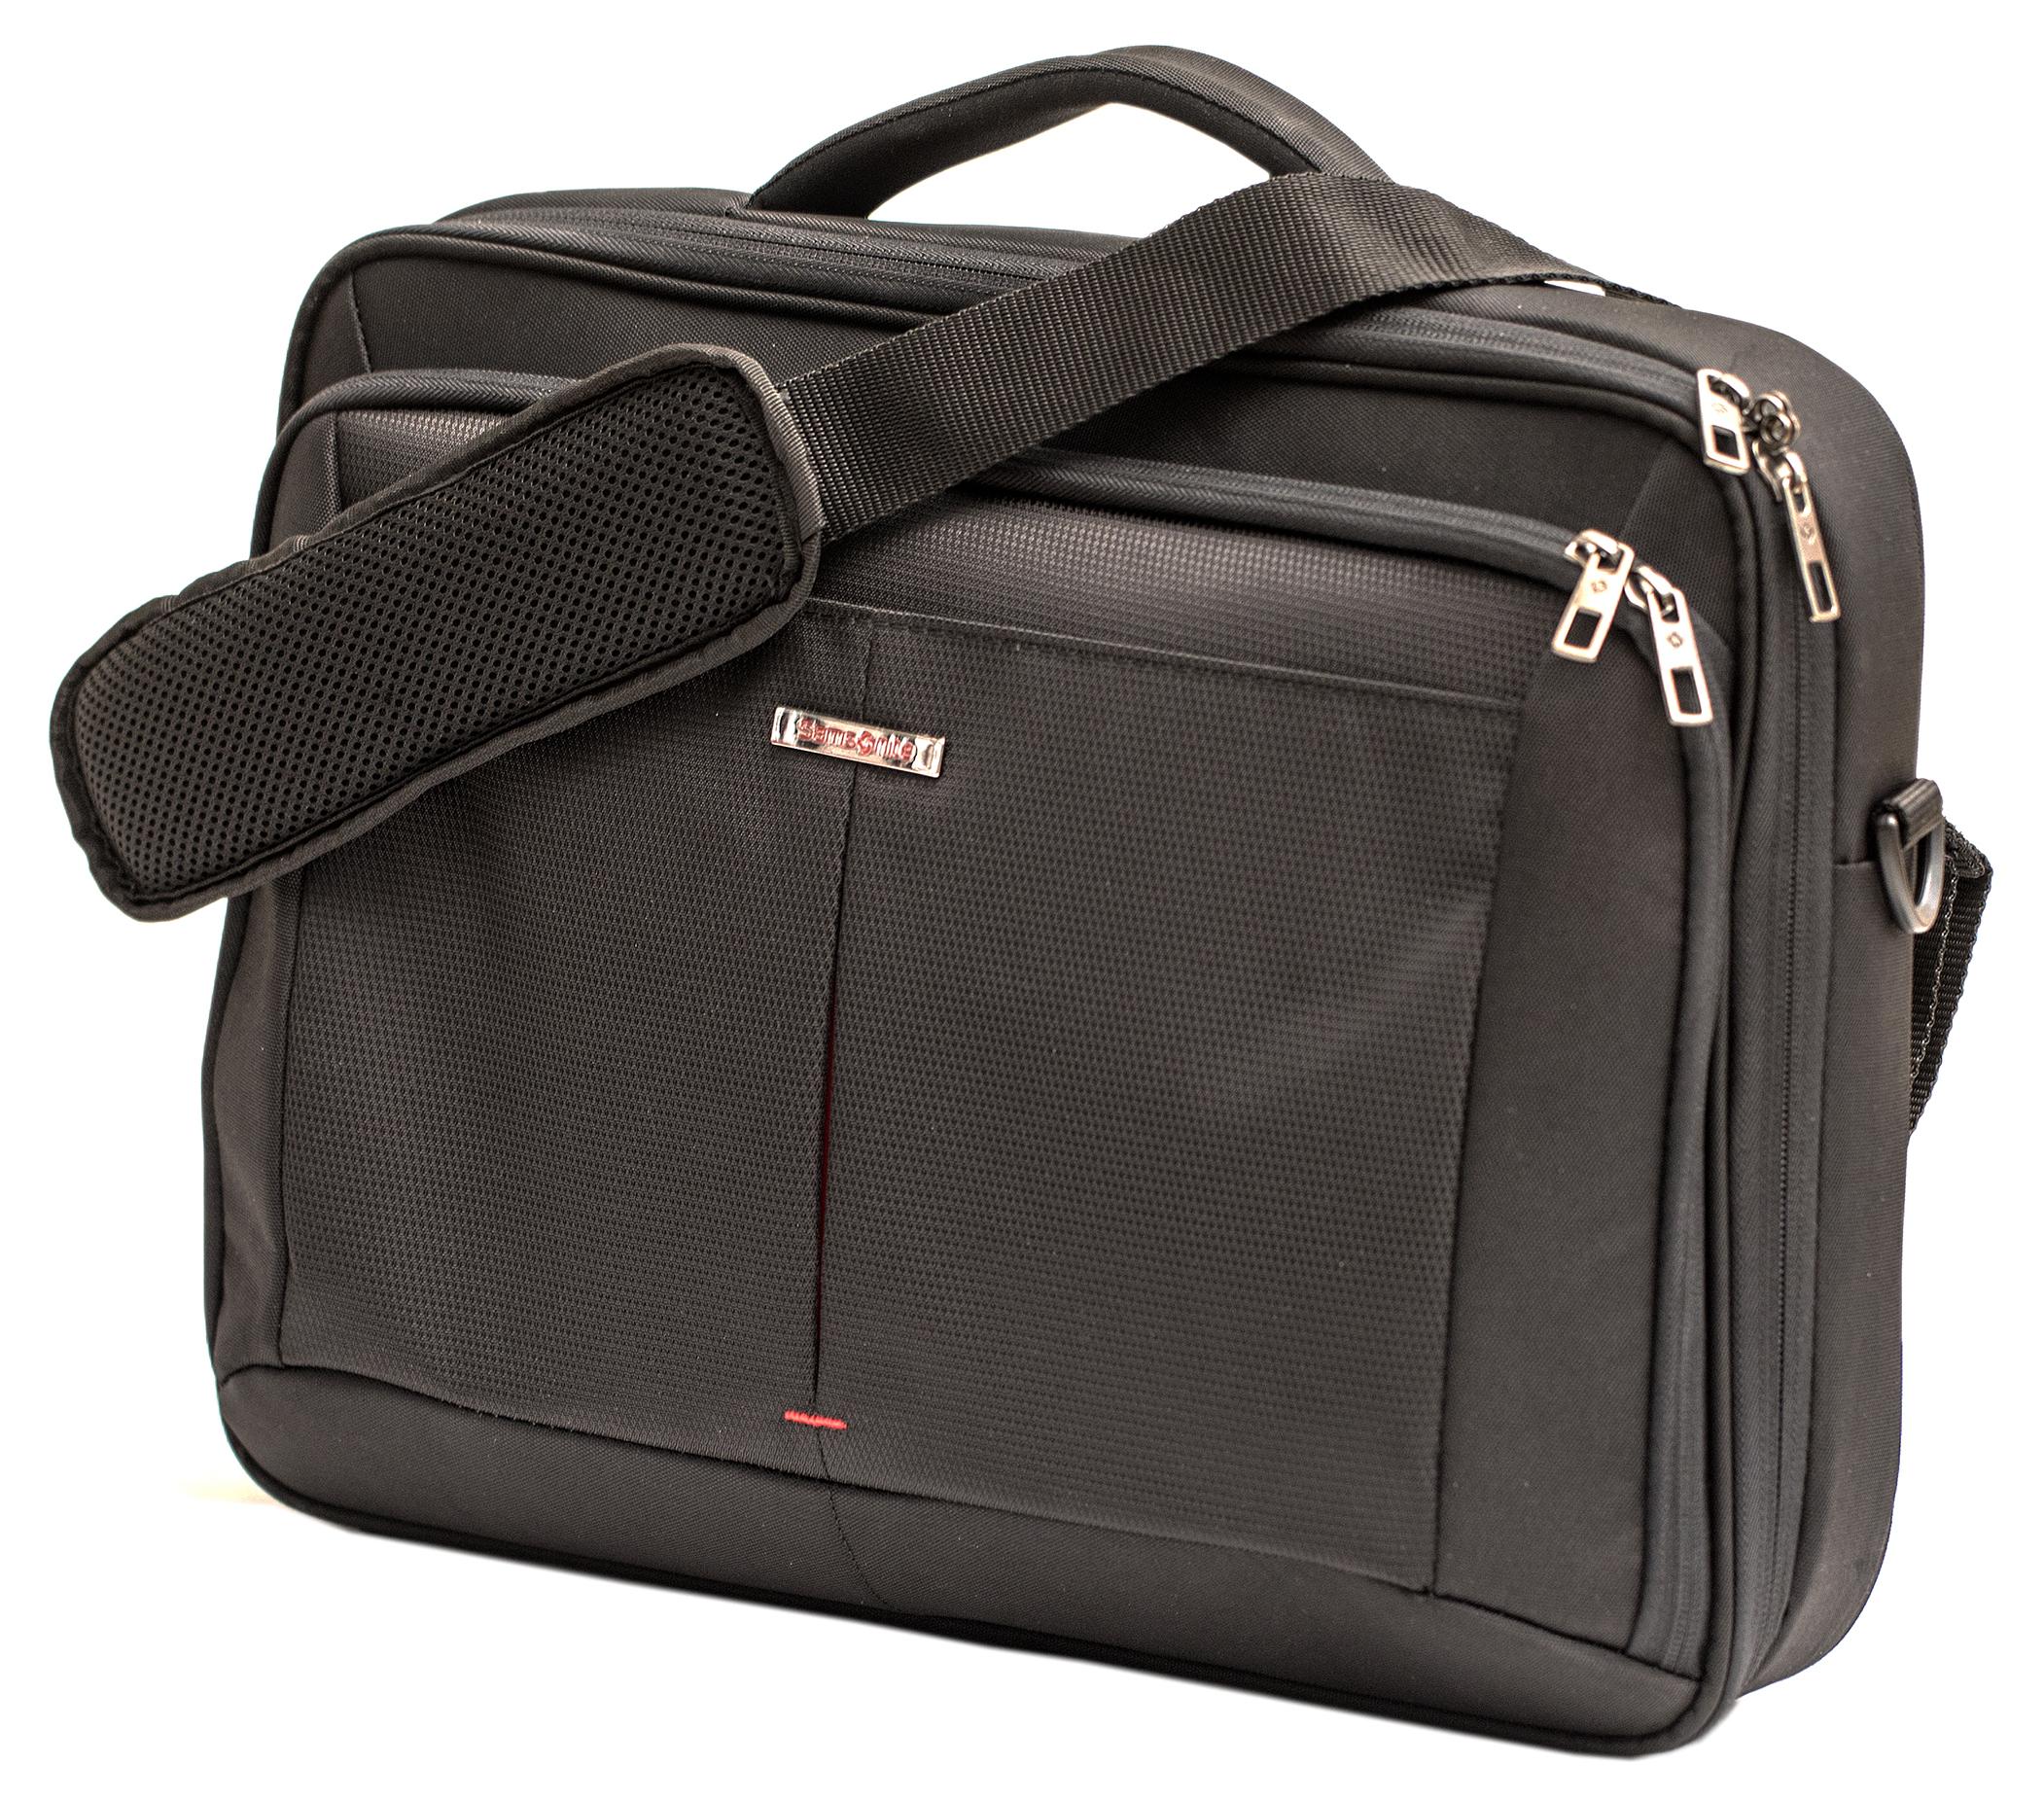 Mjuk väska med insats (Samsonite logga), rymmer 3 st prober